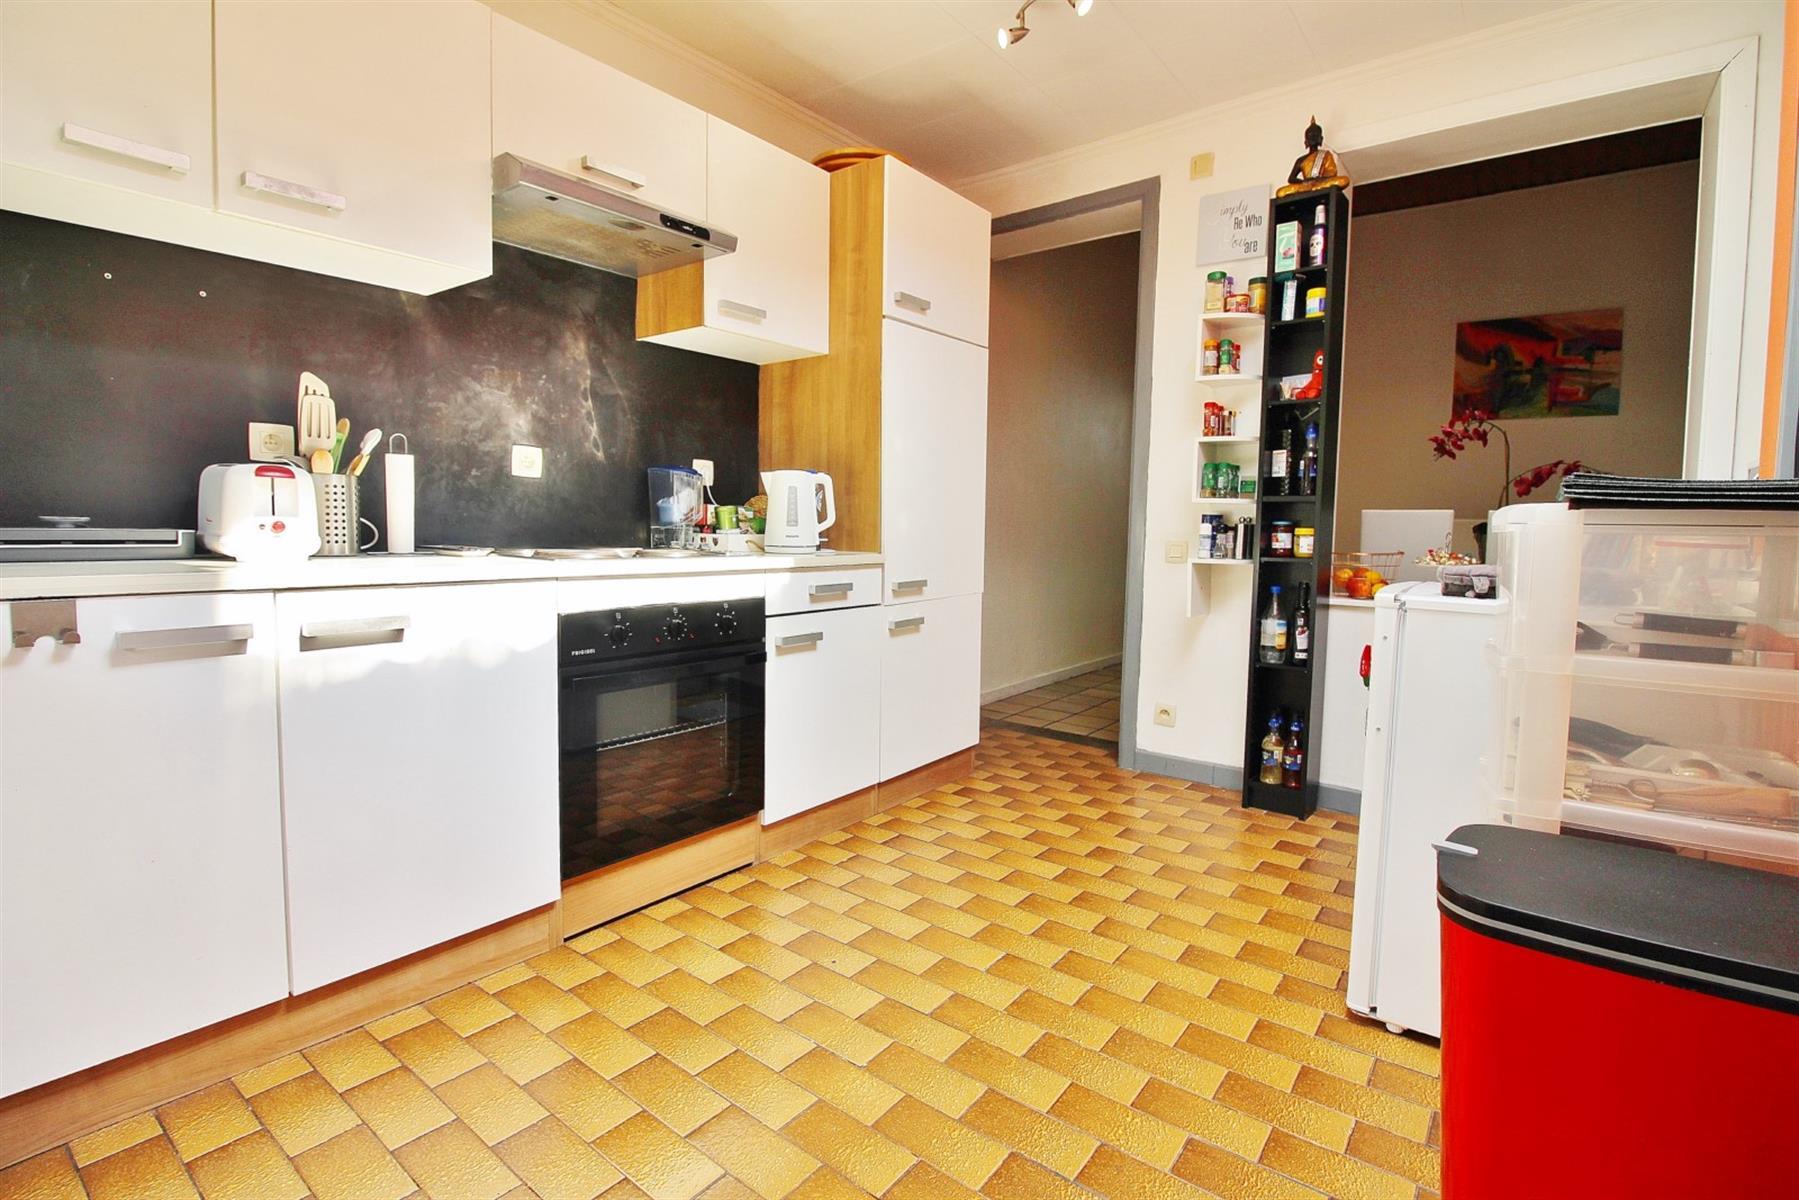 Maison - Seraing Jemeppe-sur-Meuse - #4347963-6